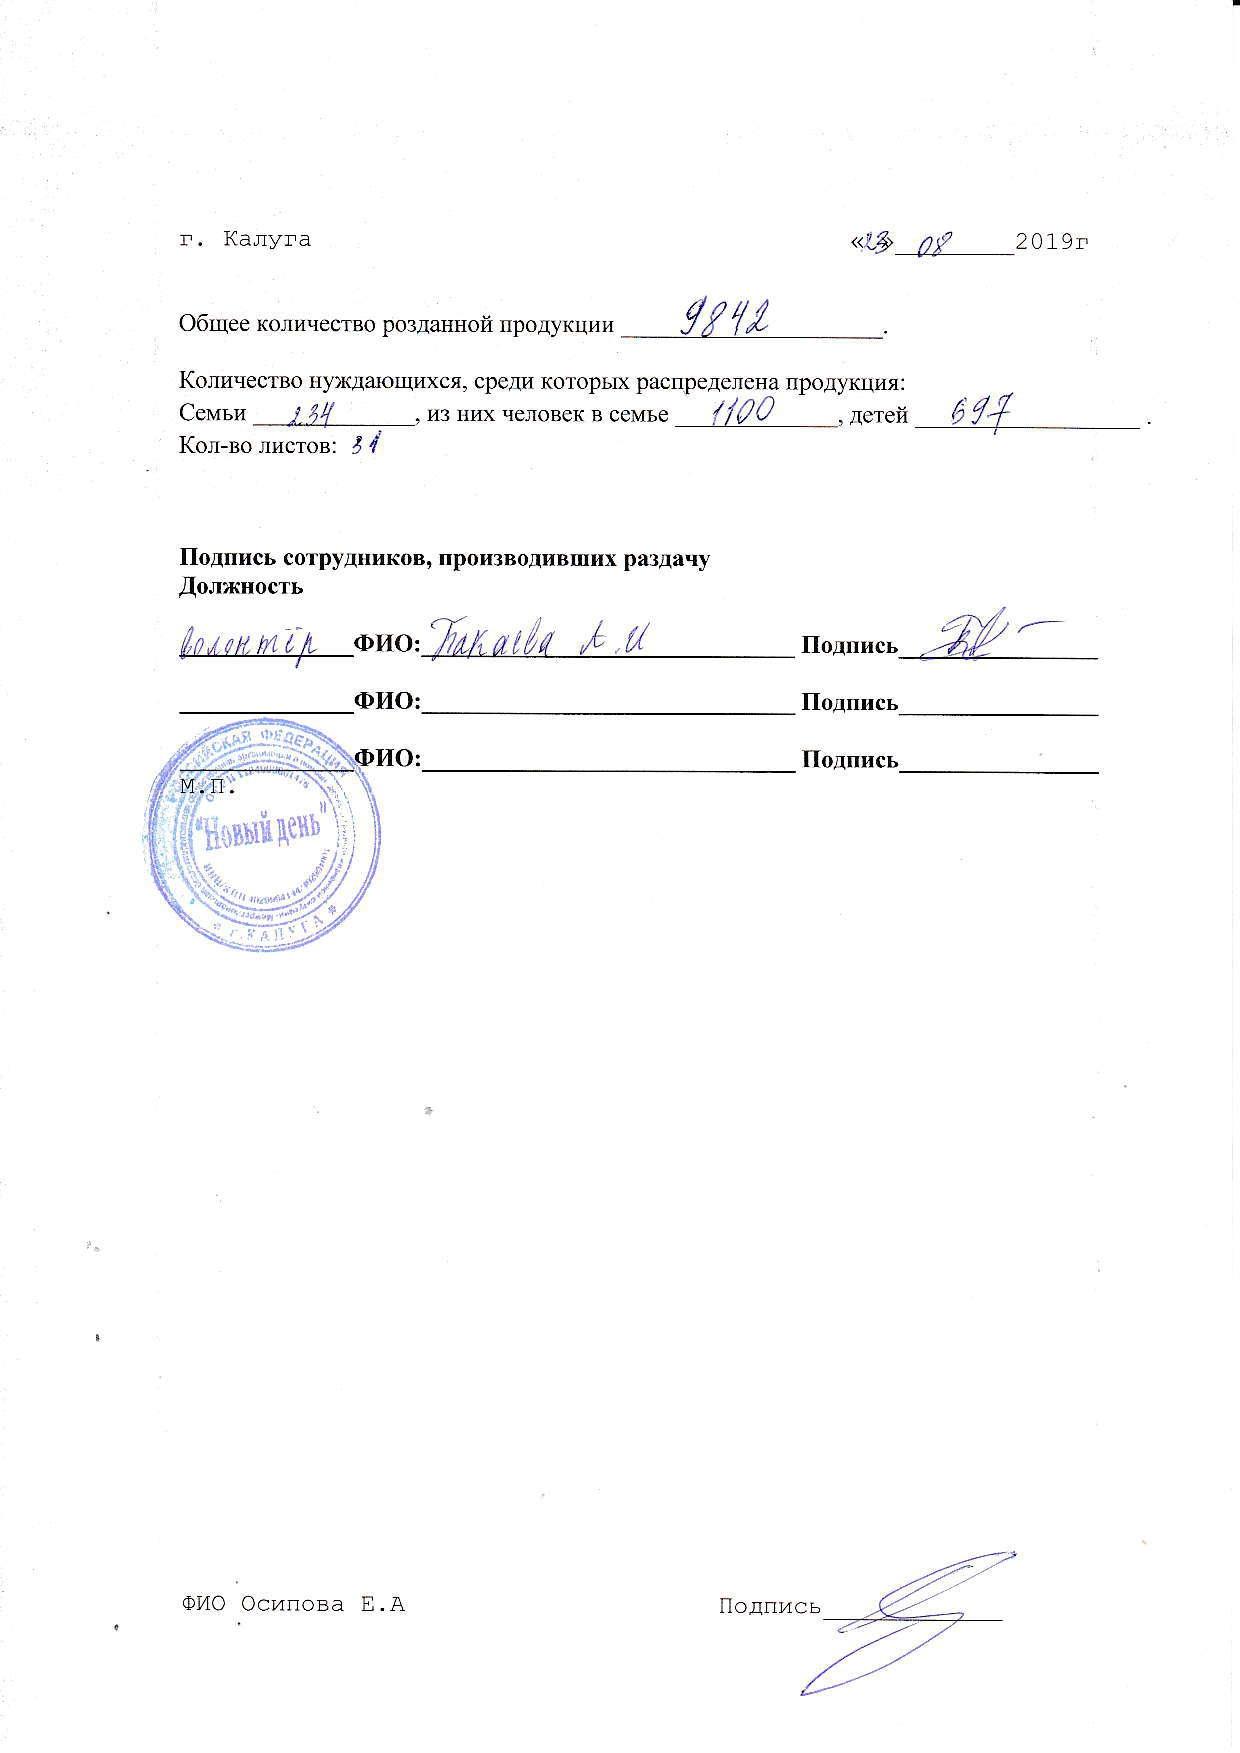 Молочка кол-во 23.08.2019